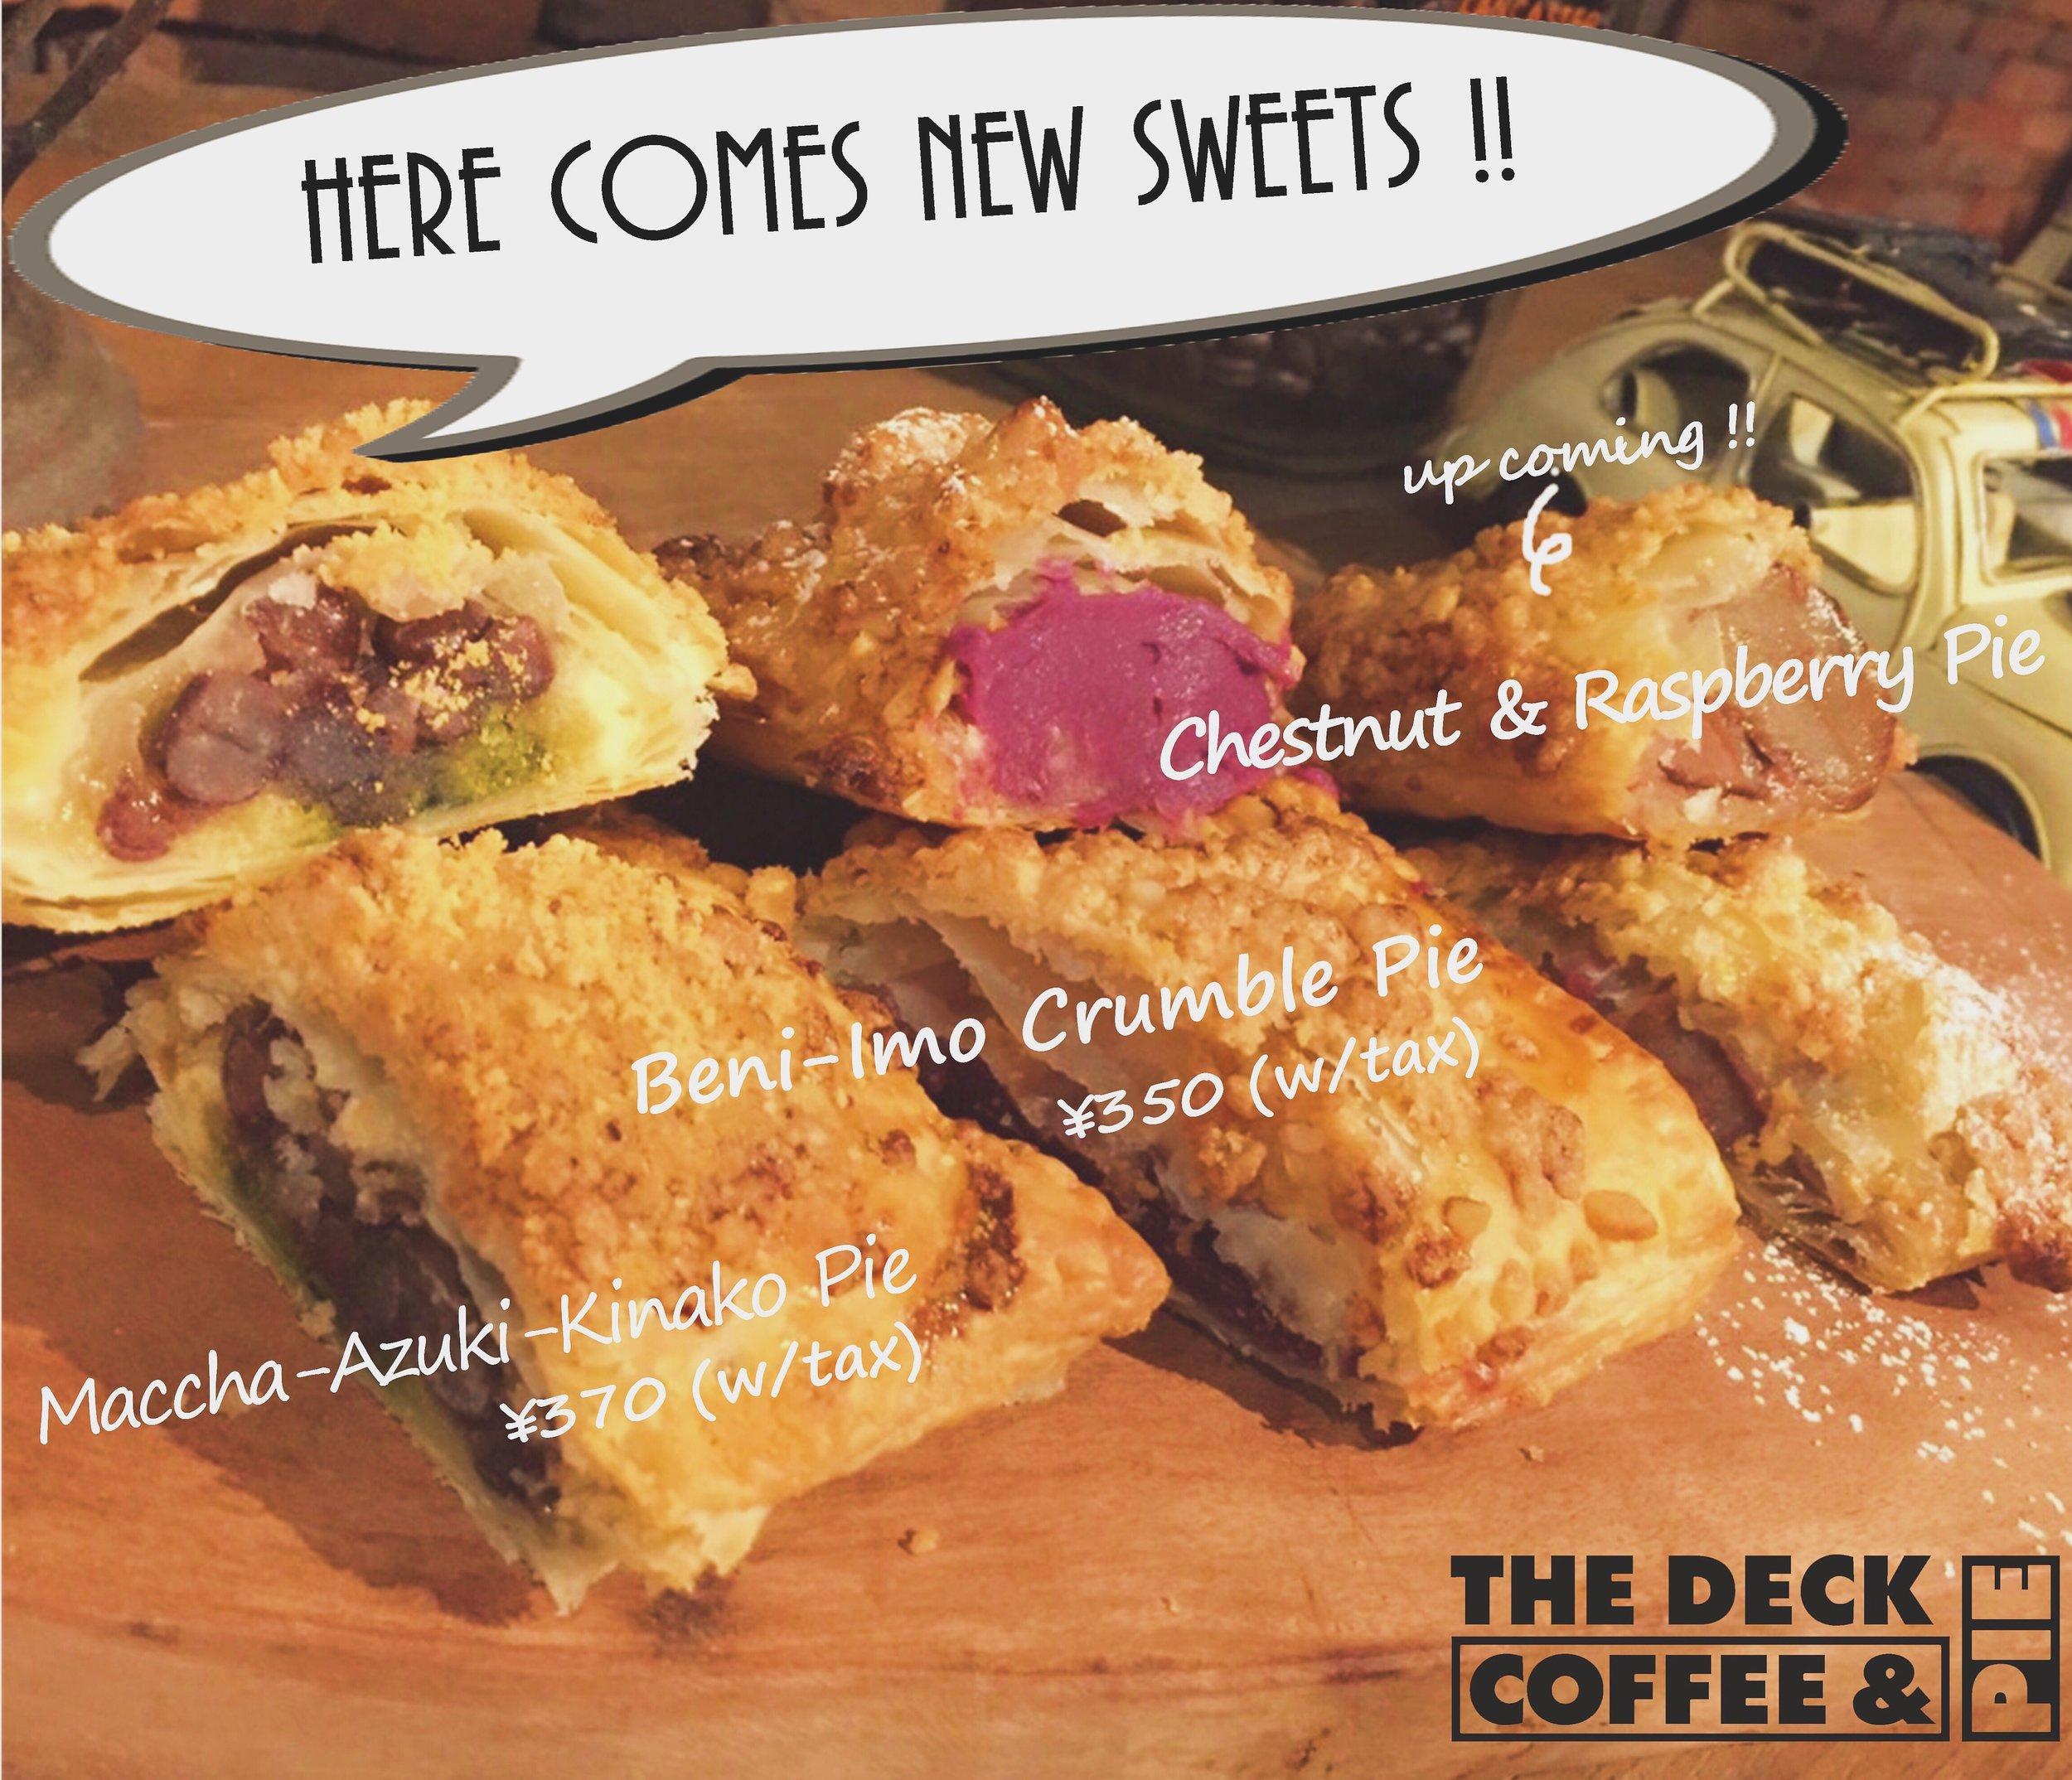 【HERE COMES NEW SWEETS ☆】  抹茶あずききなこパイ...京都宇治抹茶を使用。餅の一種である求肥を使用し、もちもちした食感のアクセントに加え、たっぷりのきなこを全体にまぶしたTHE和風パイ。  紅芋クランブルパイ...沖縄産紫芋を使用。生クリームなどを合わせ、程良い甘さで滑らかな舌触りのフィリングに仕上げた、ホッと気持ちが落ち着くスウィーツパイ。  近日、マロン&フランボワーズパイも登場です♫  ワンハンドパイ シリーズ4〜5ケご購入のお客様には専用のTAKE OUT BOXもございますので是非おみやげにどうぞ♪( ´▽`) *ご用意している数に限りがございますので、予めご予約を頂く事をお勧め致します。  まだまだ続くTHE DECKの新作パイラッシュ、是非ご期待下さい☆